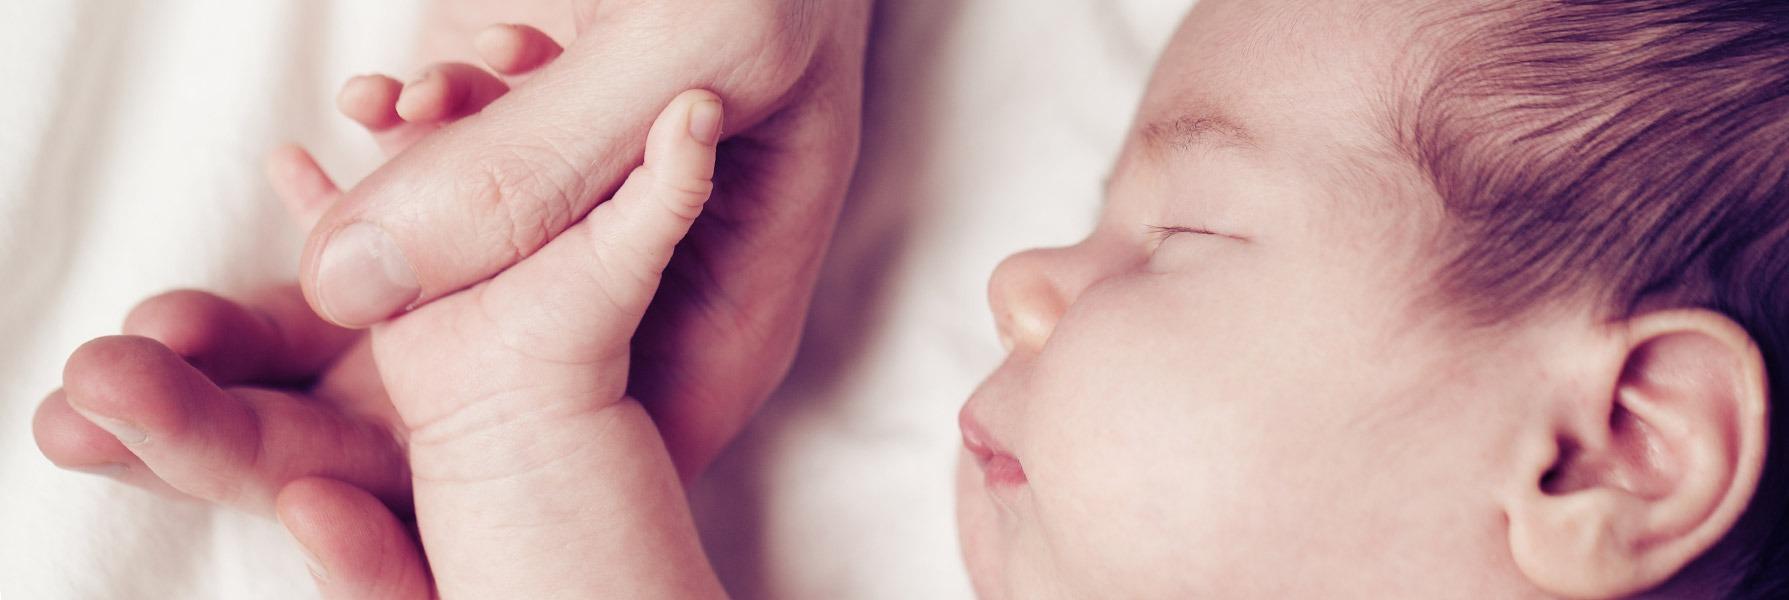 Διερεύνηση θεμάτων ανδρικής γονιμότητας